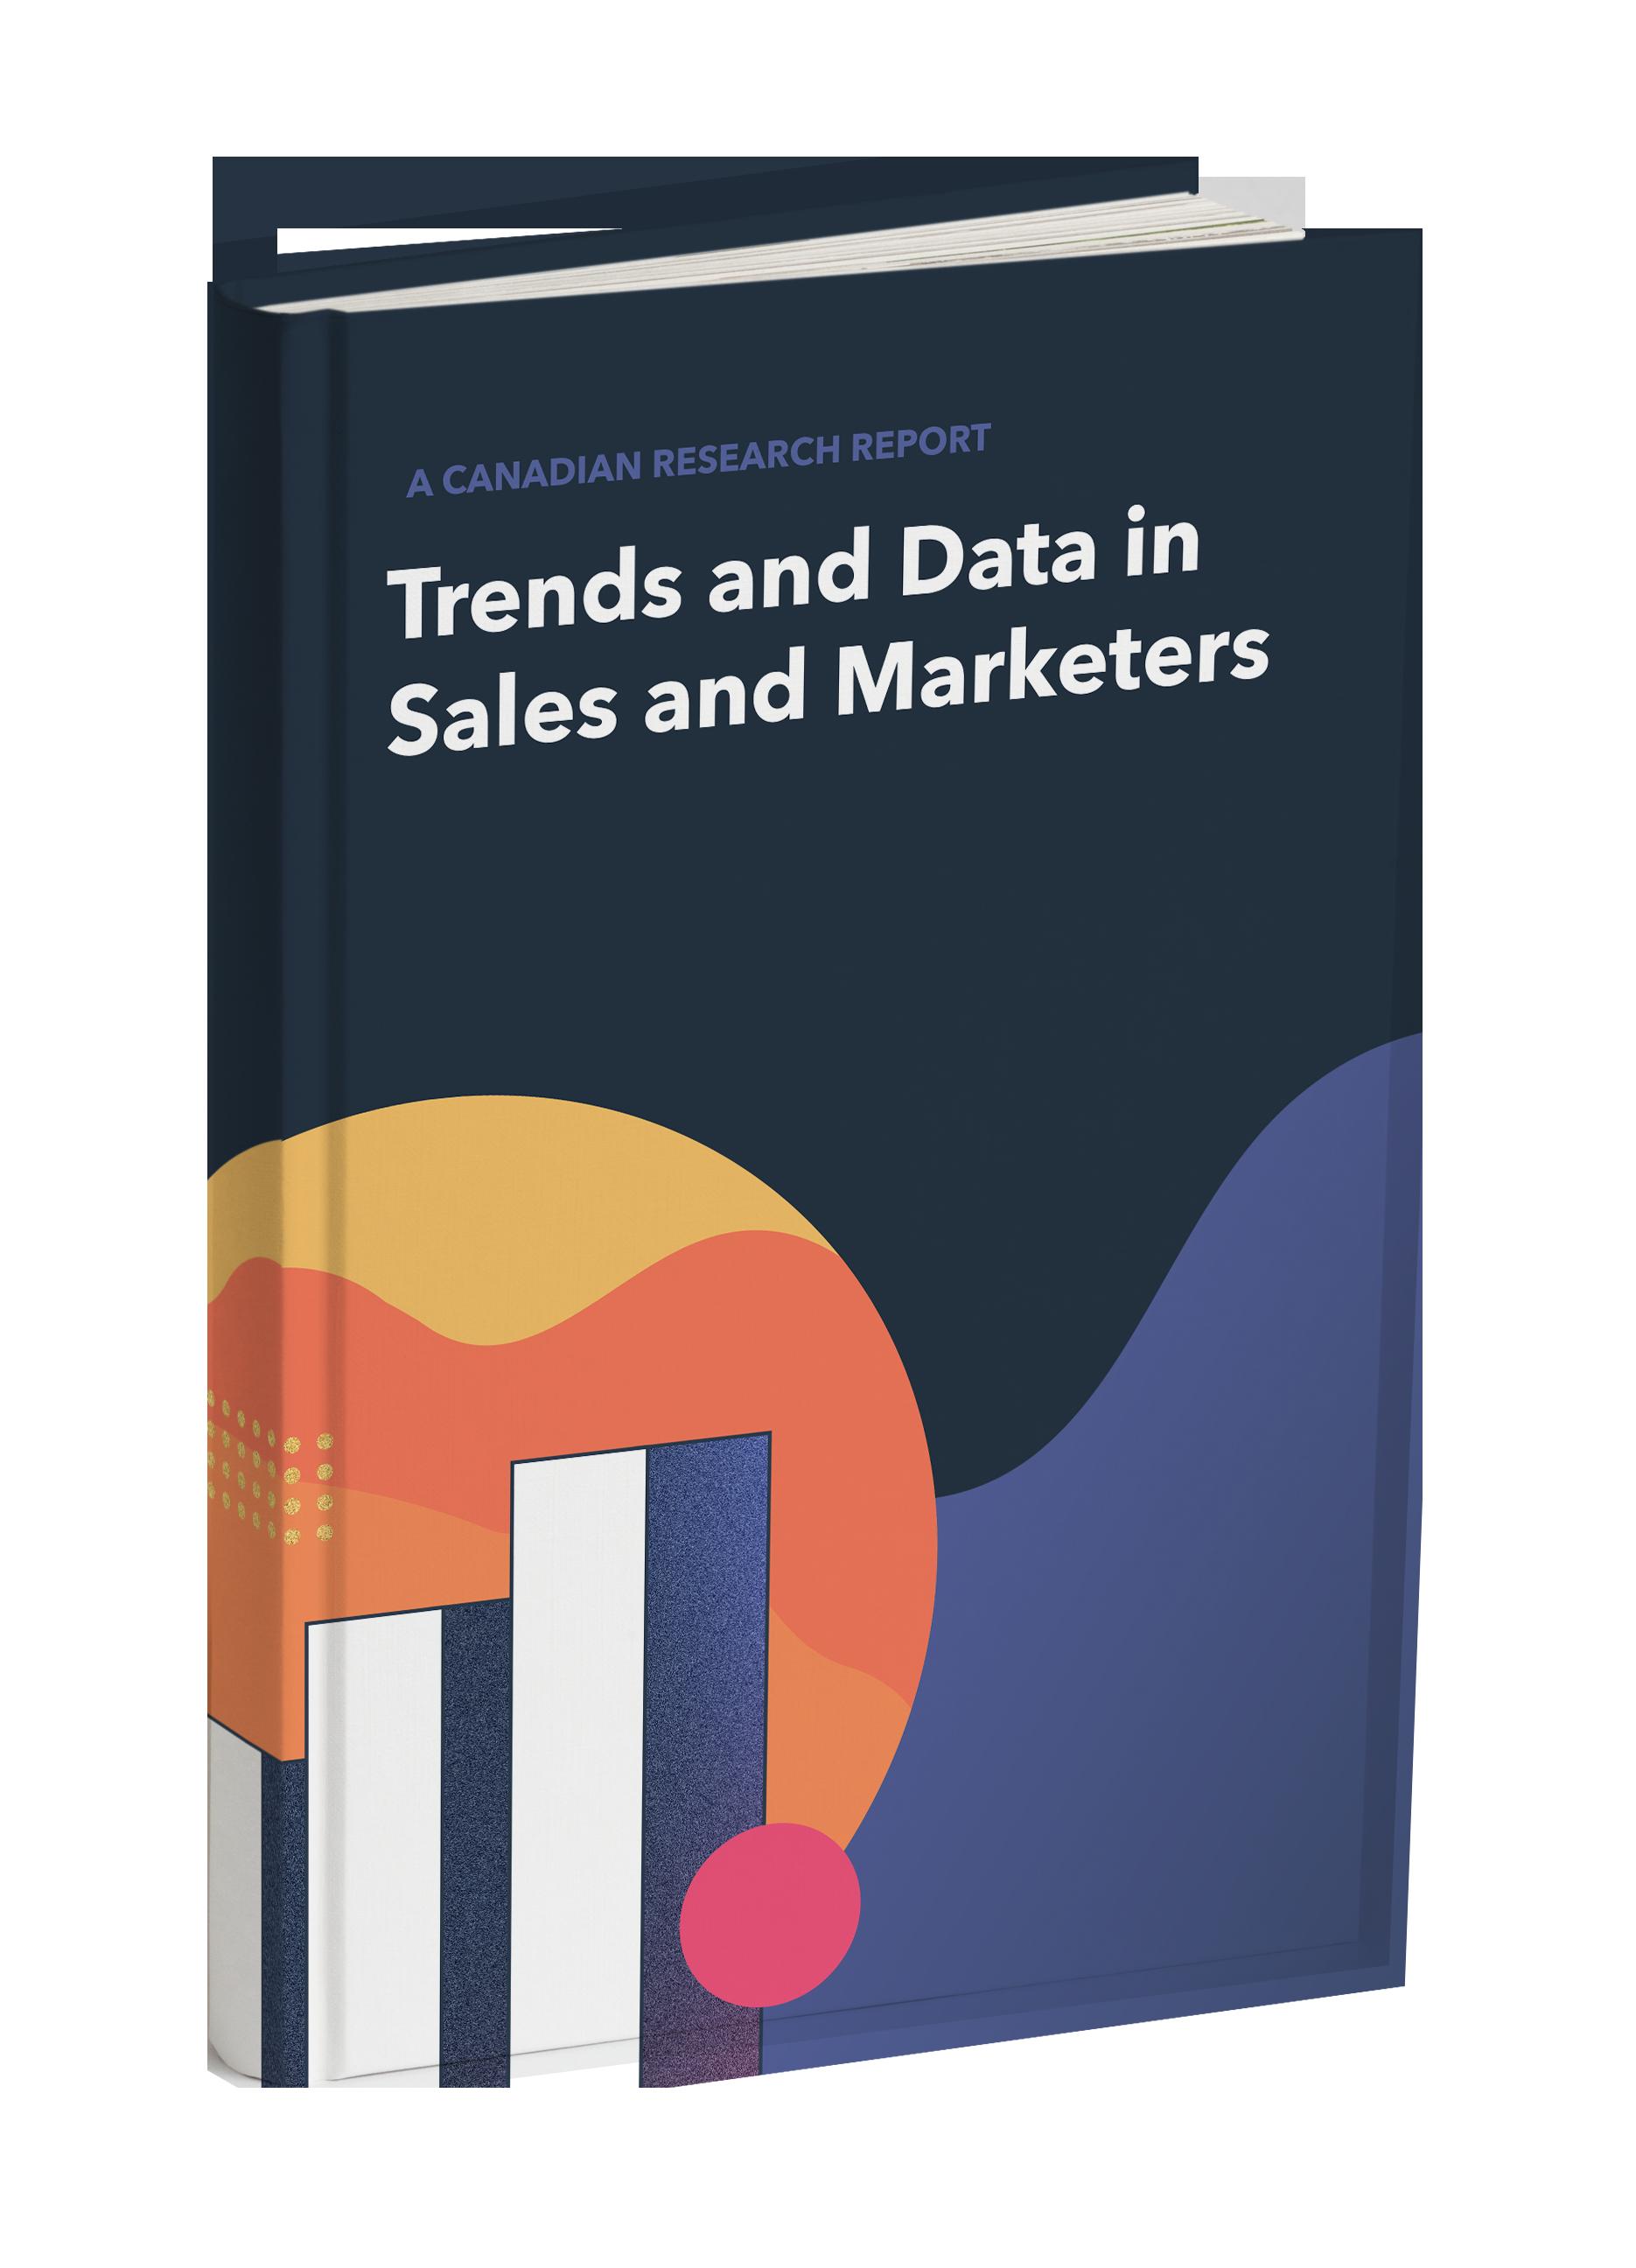 销售和市场的趋势和数据